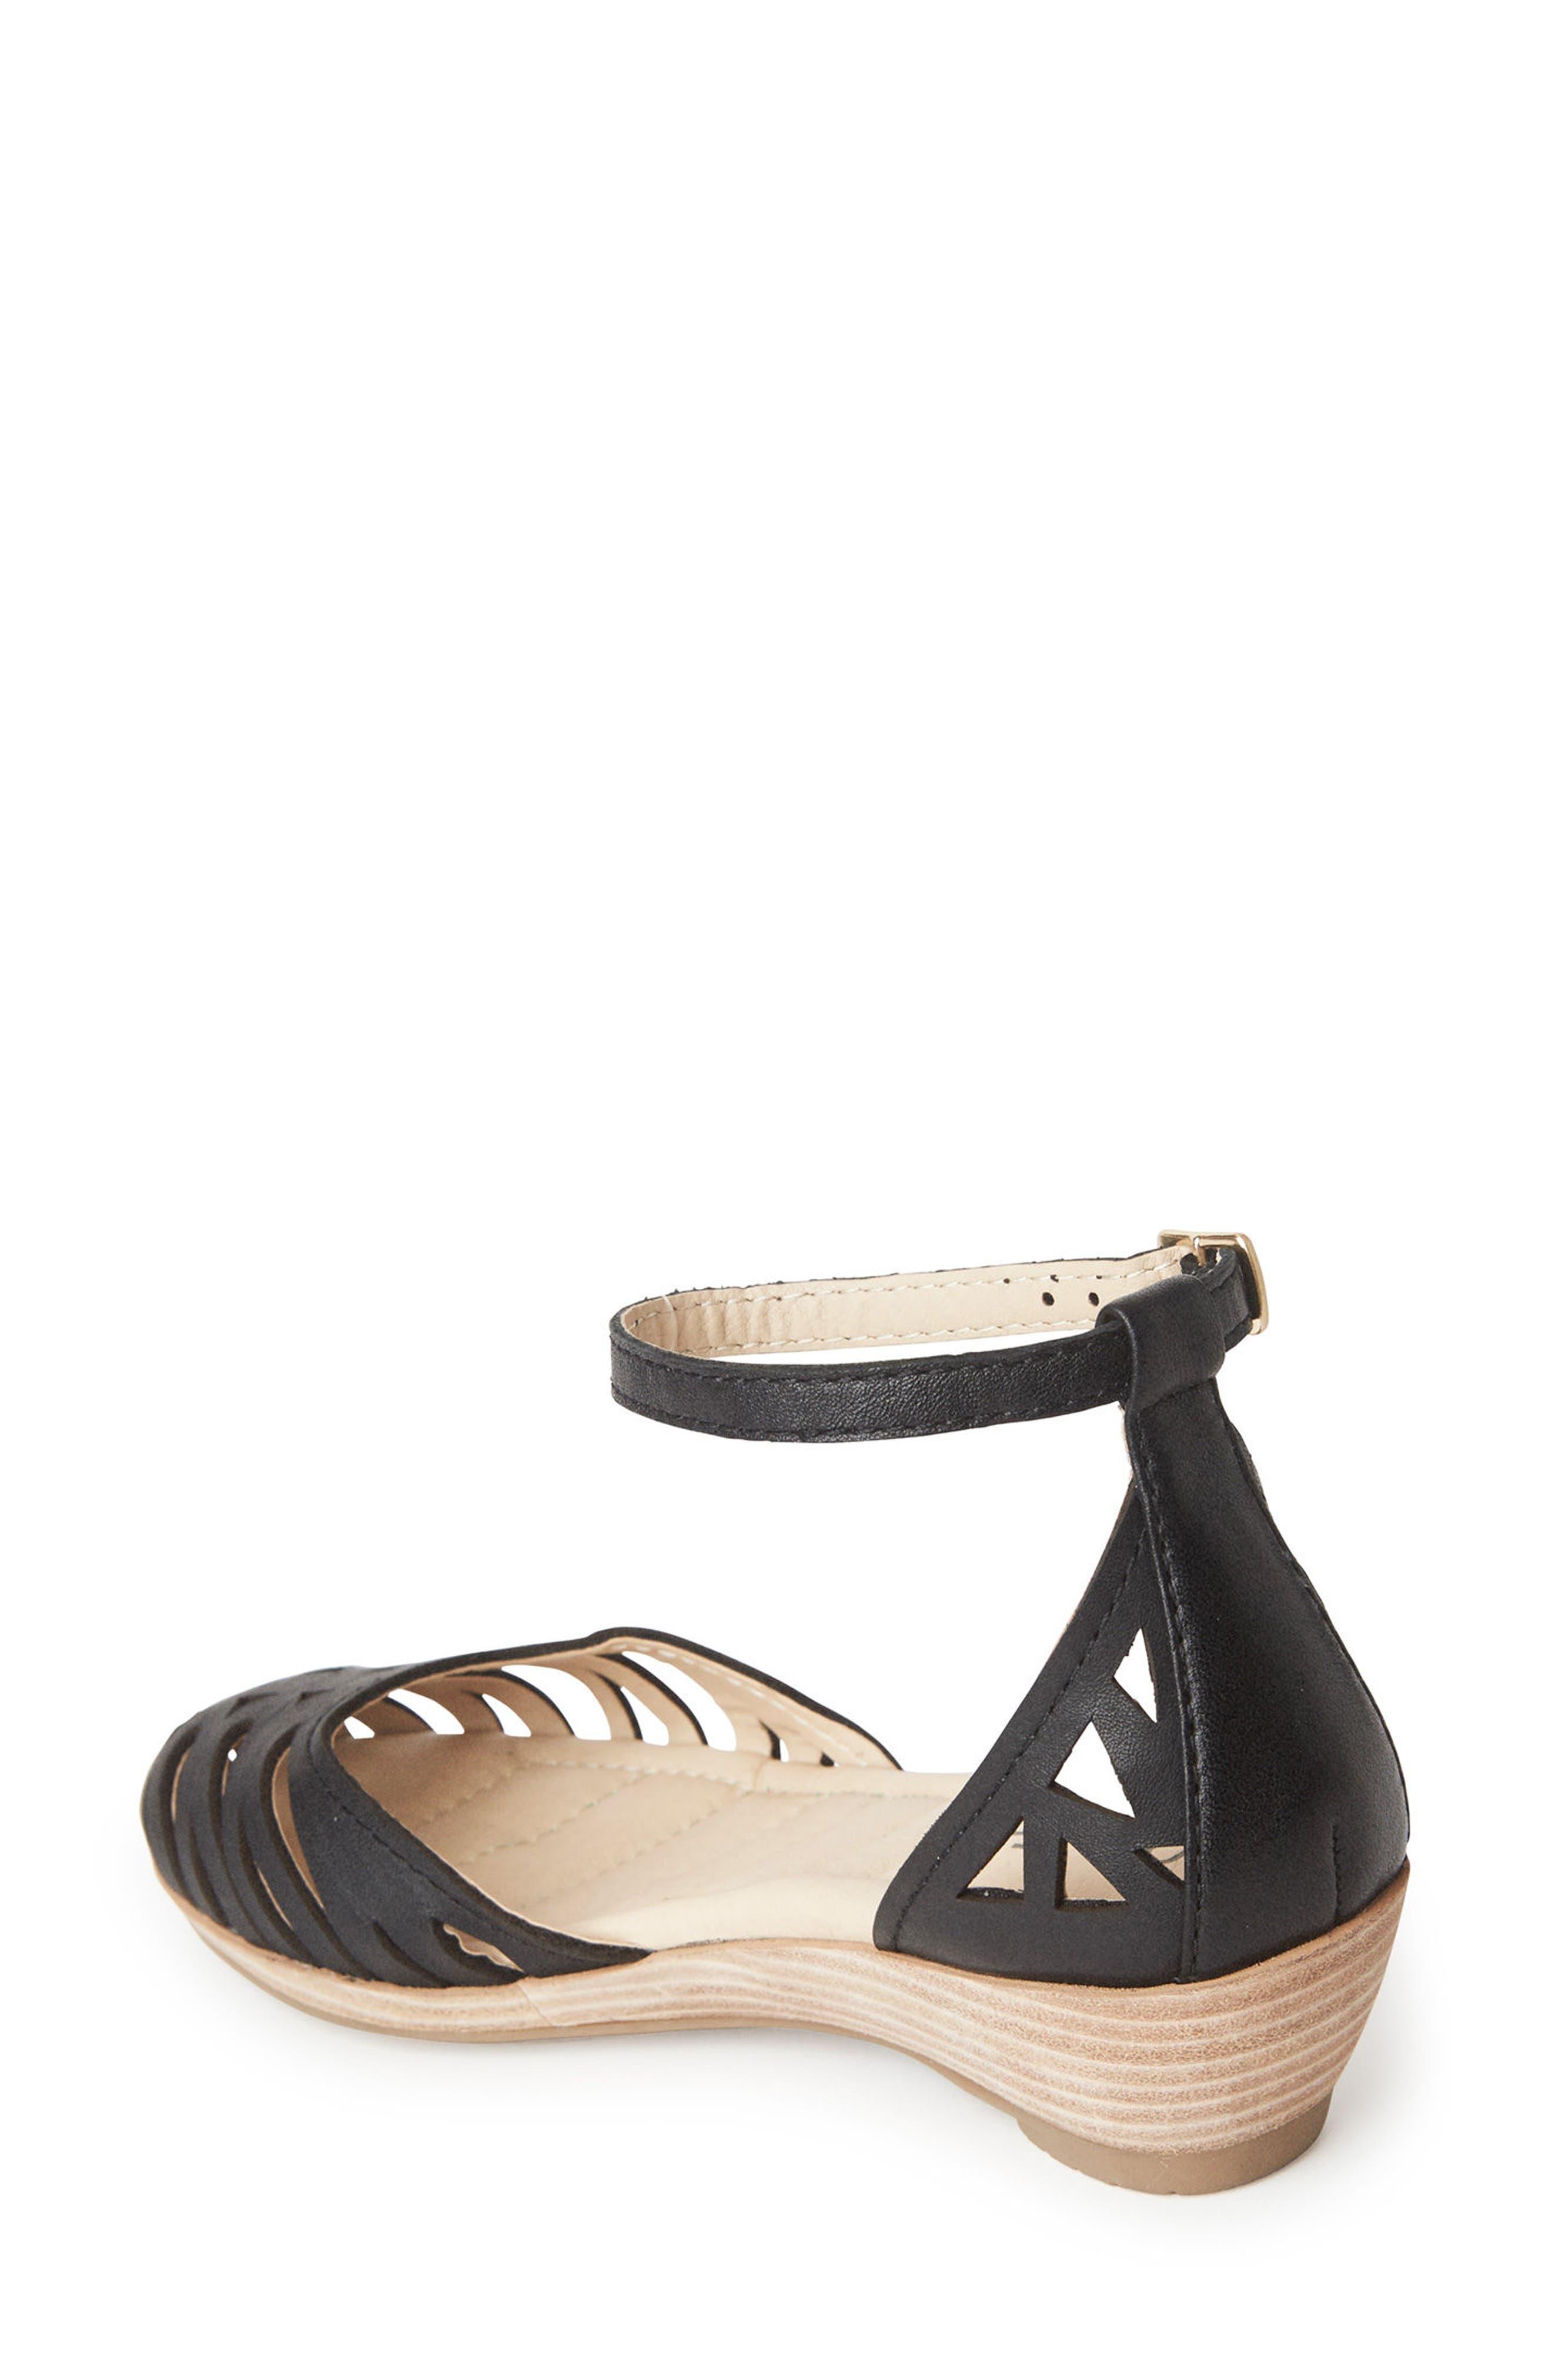 Nalani Ankle Strap Sandal,                             Alternate thumbnail 2, color,                             Black Leather